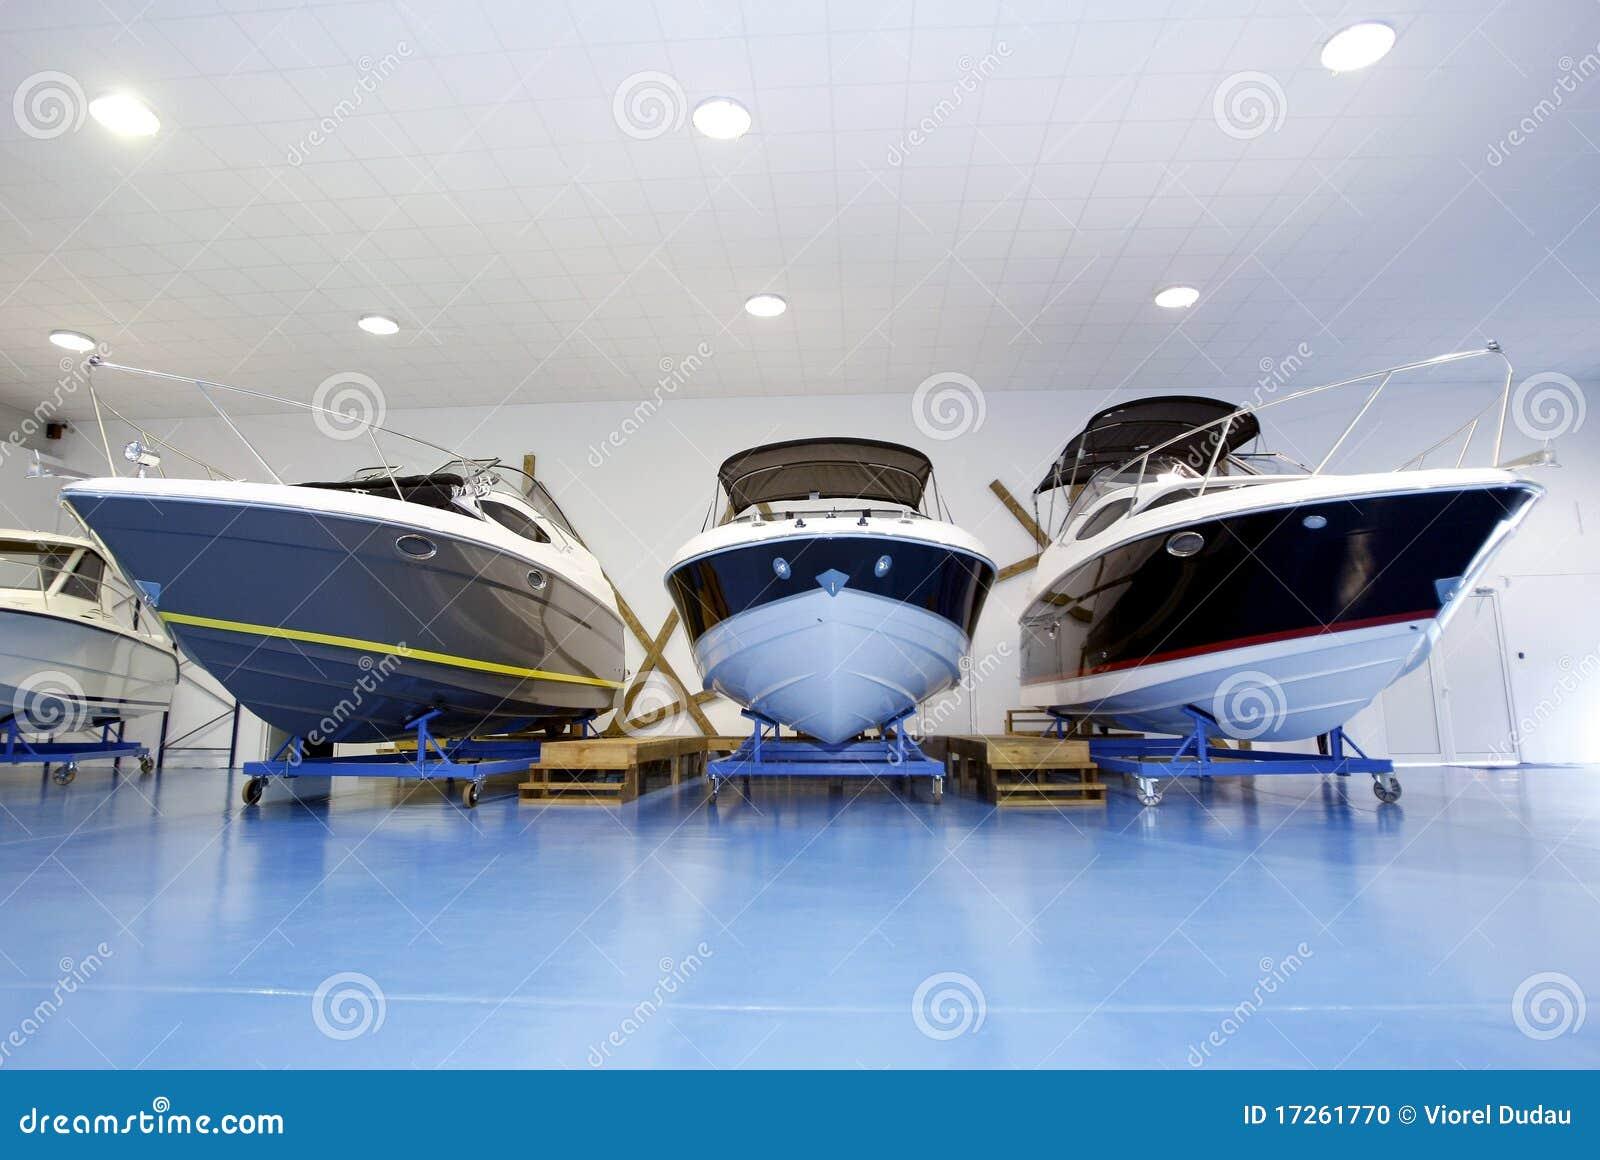 Barcos de motor na sala de exposições ou na garagem